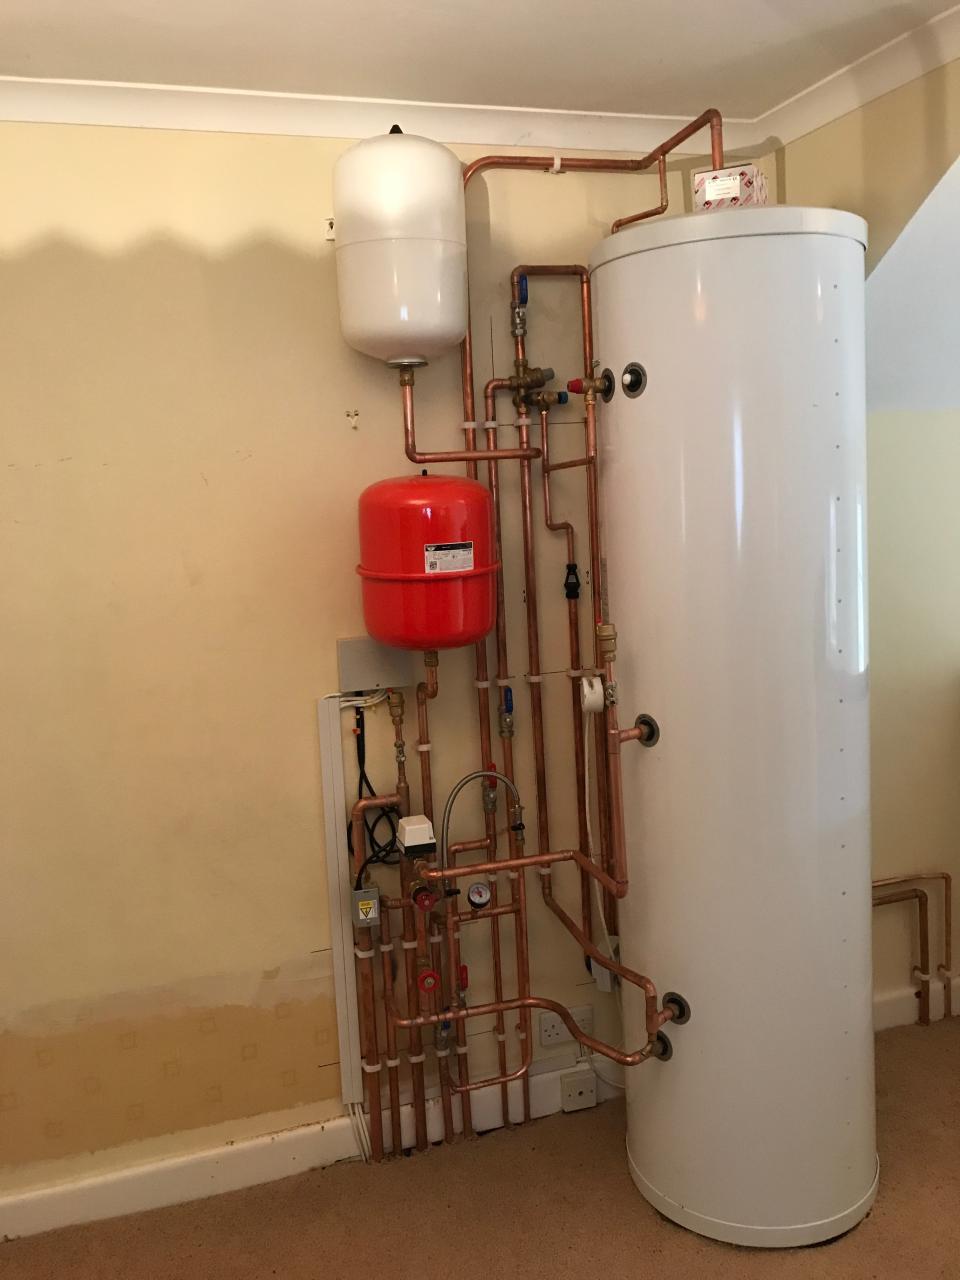 Un-vented cylinder installation